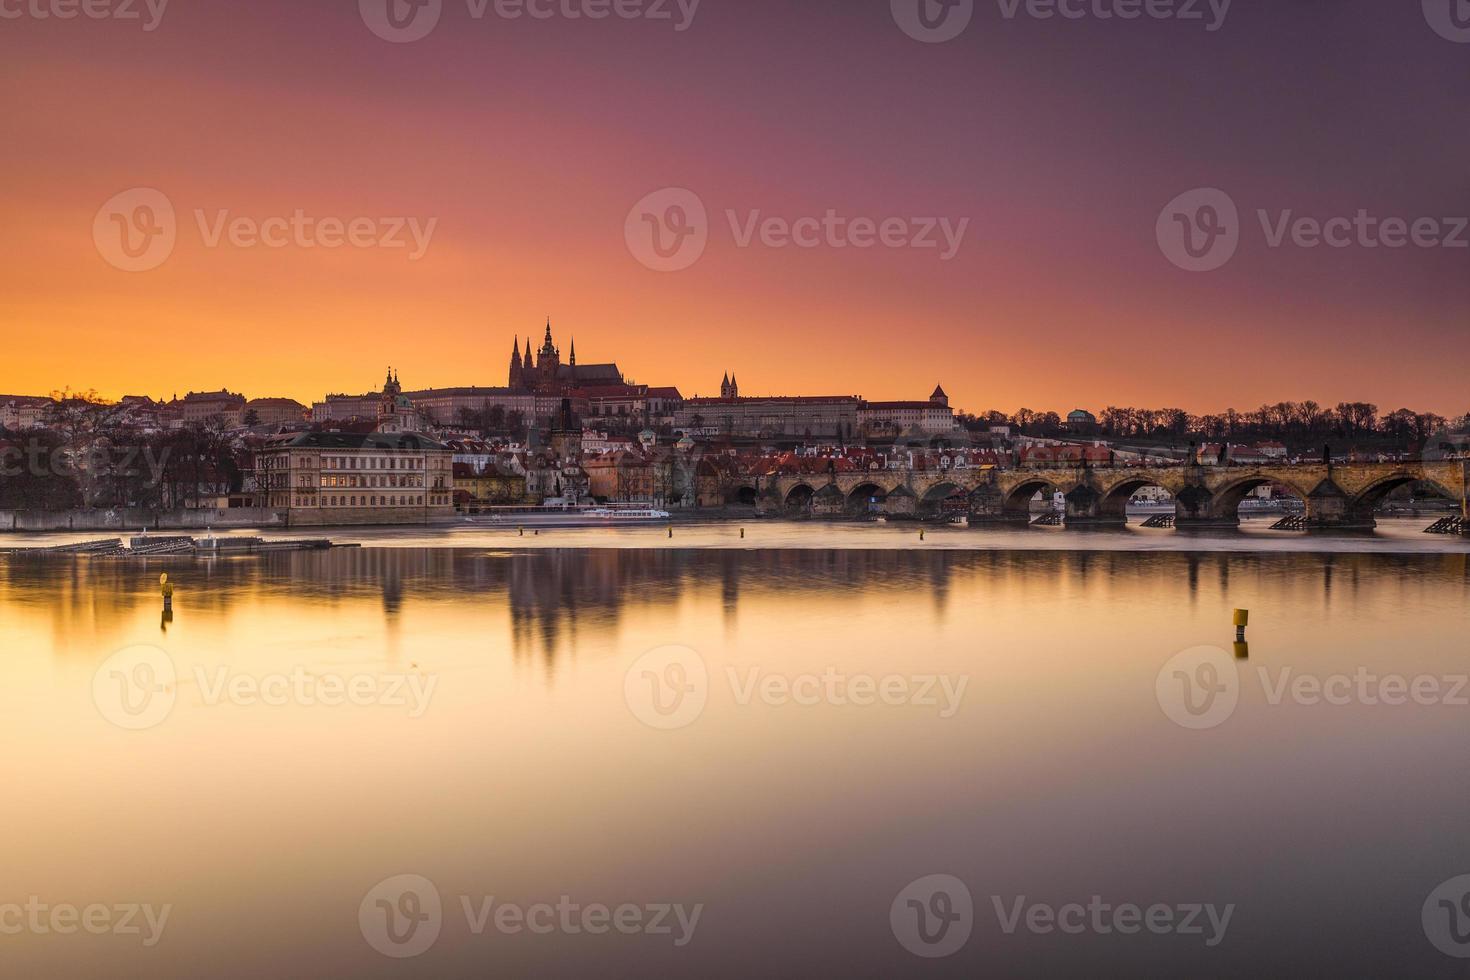 solnedgång på charles bridge, tjeckiska republiken foto